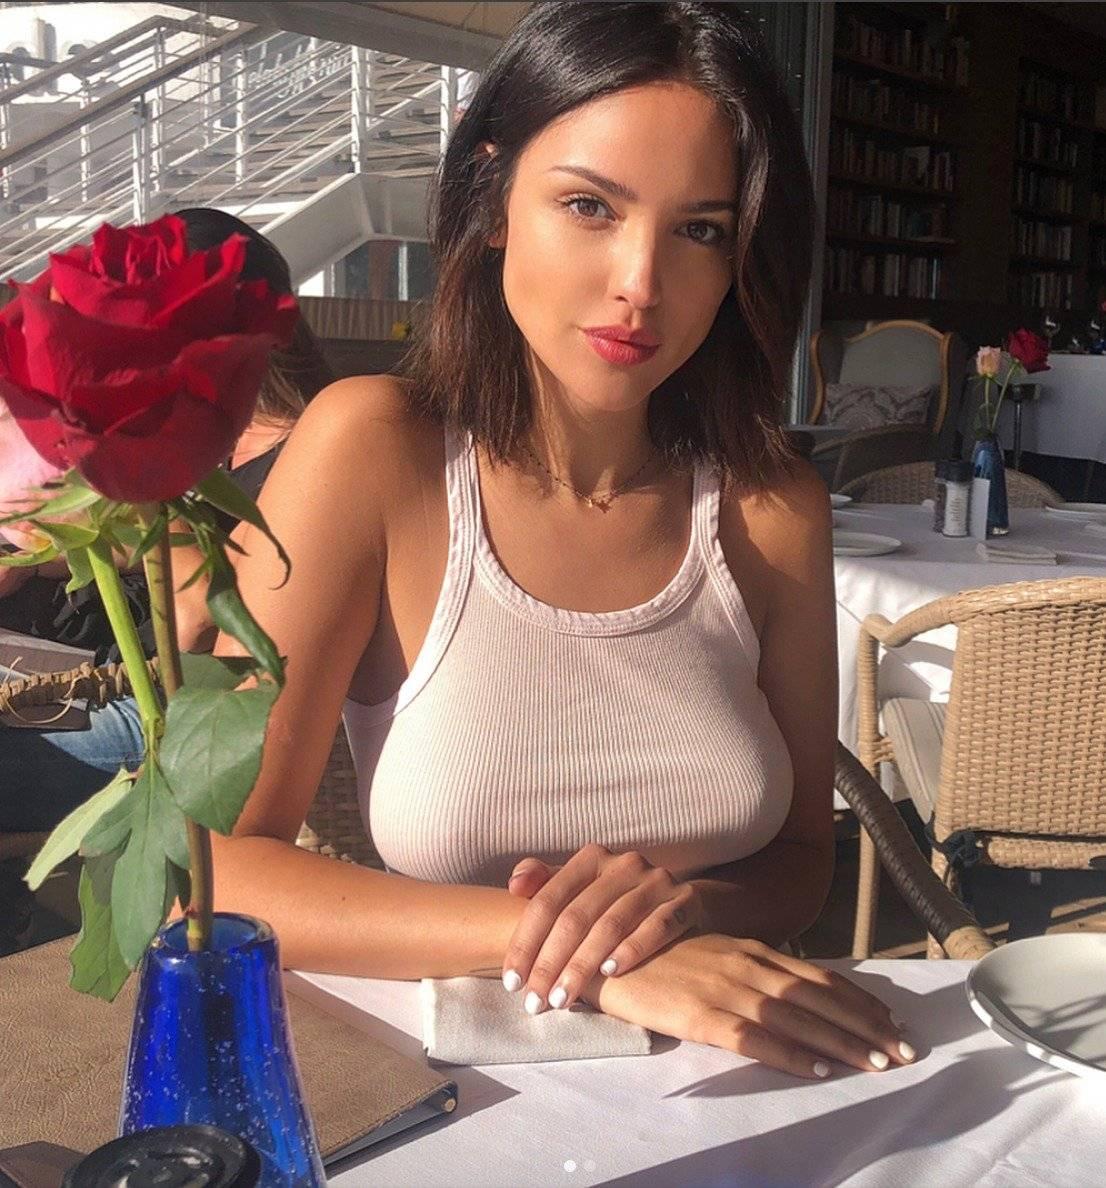 La actriz tiene 28 años de edad Instagram